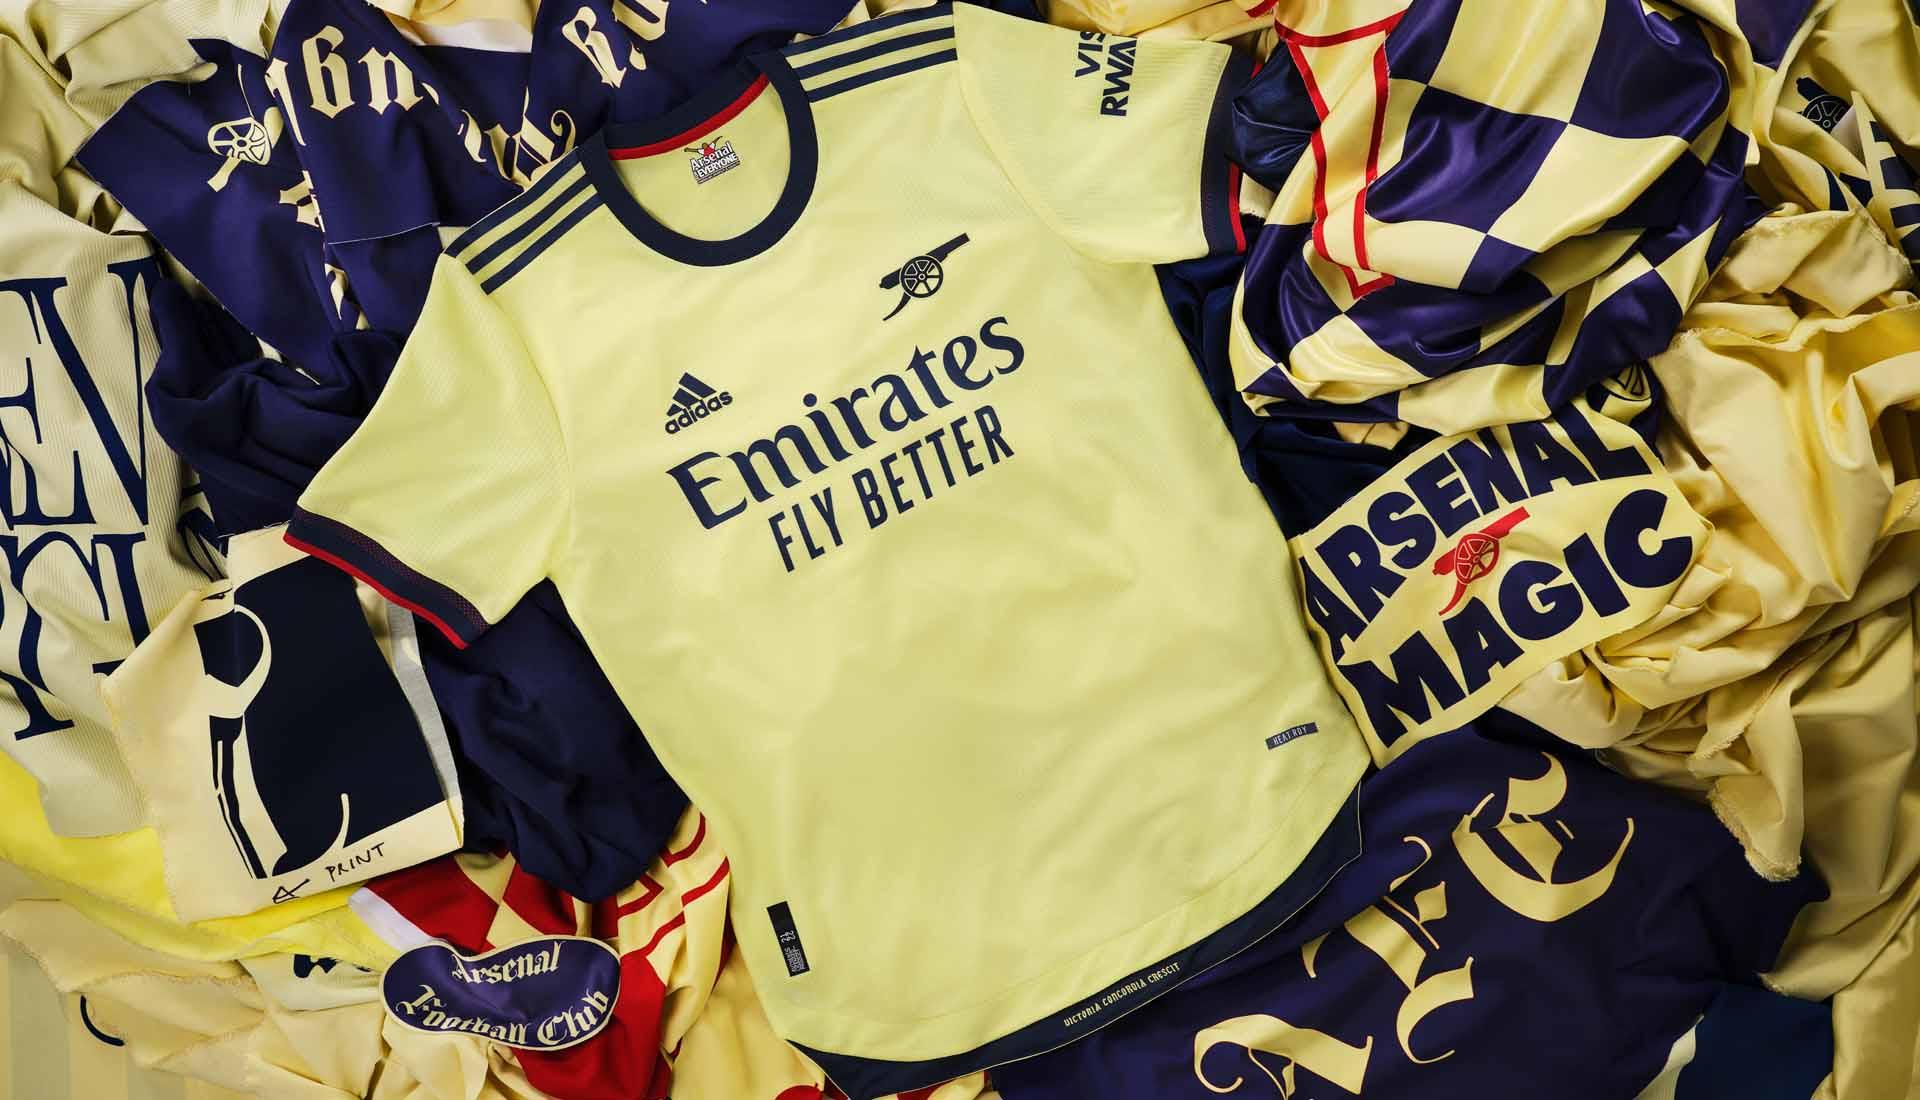 adidas Launch Arsenal 21/22 Away Shirt - SoccerBible